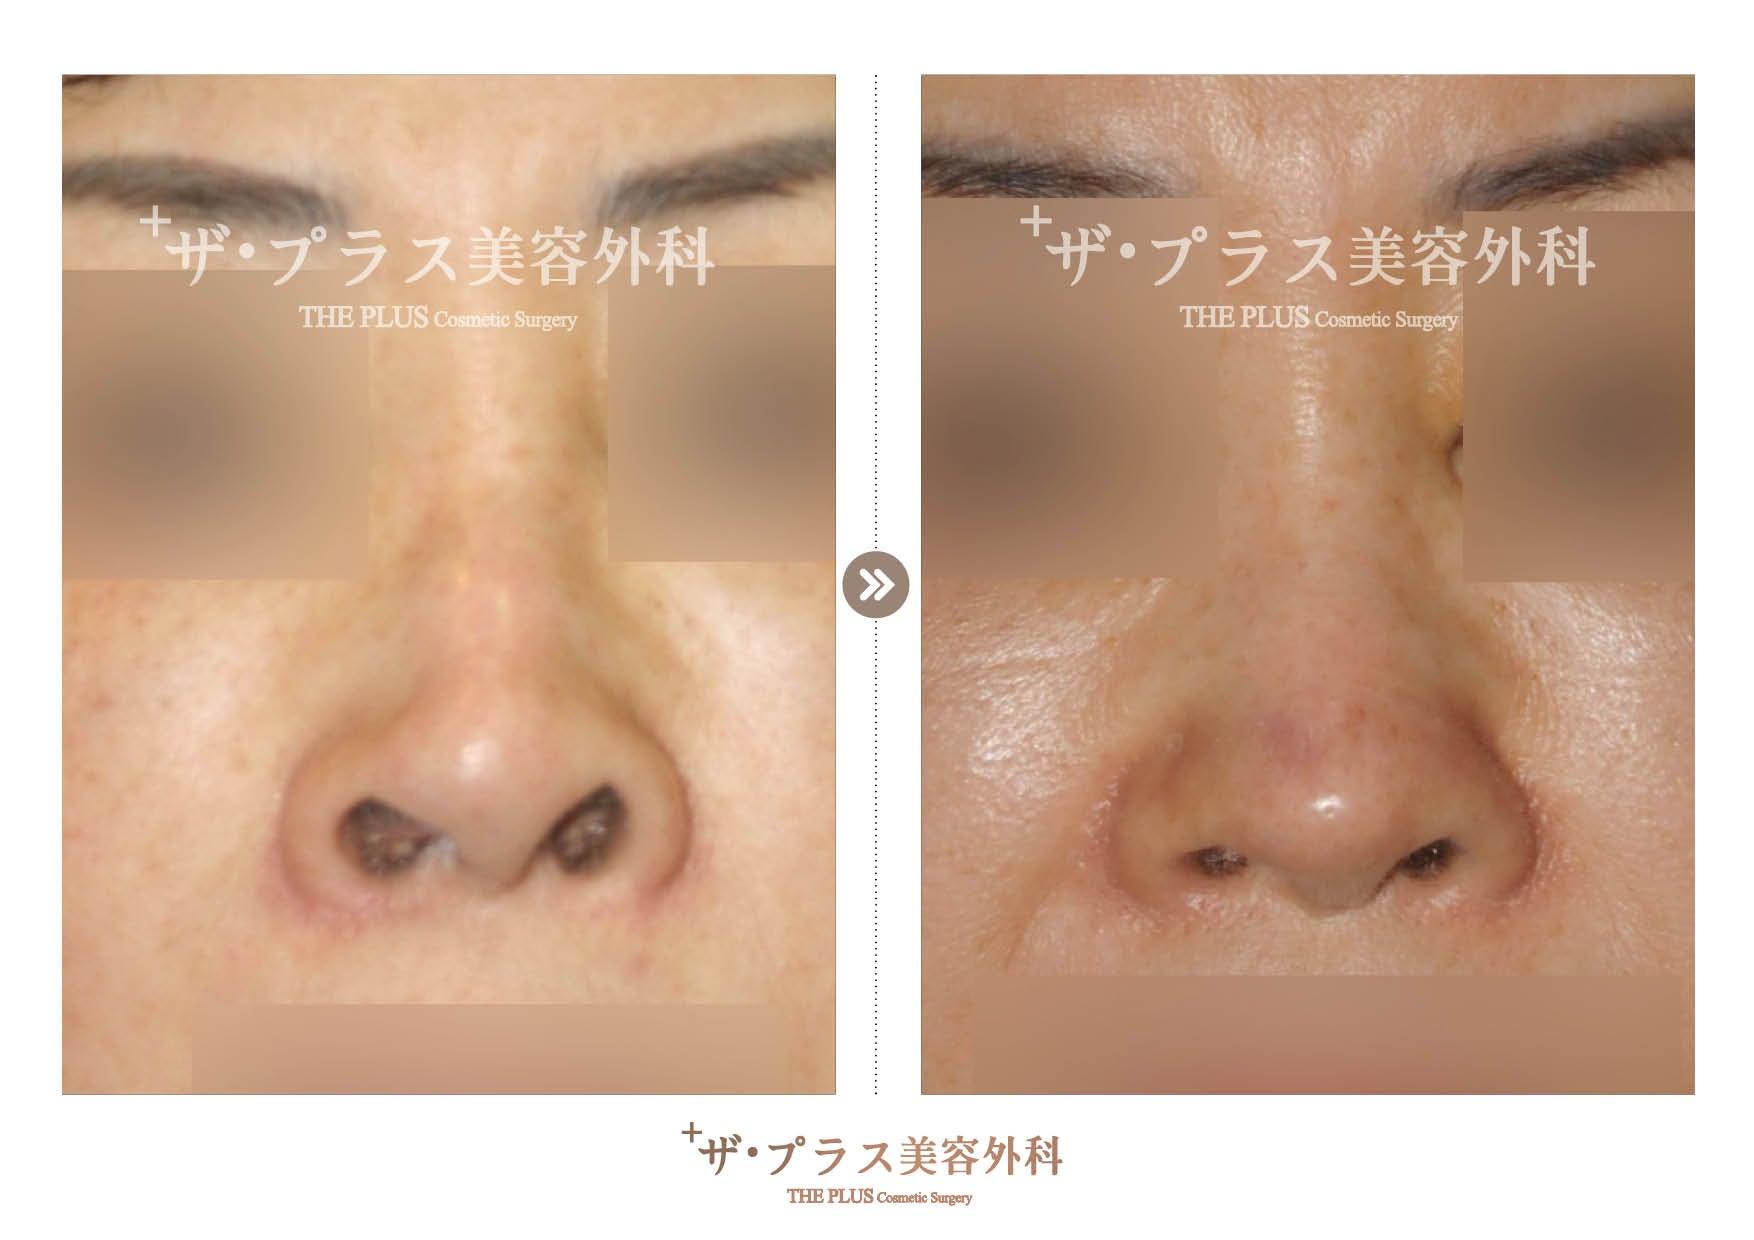 韓国鼻整形手術(韓国整形外科)